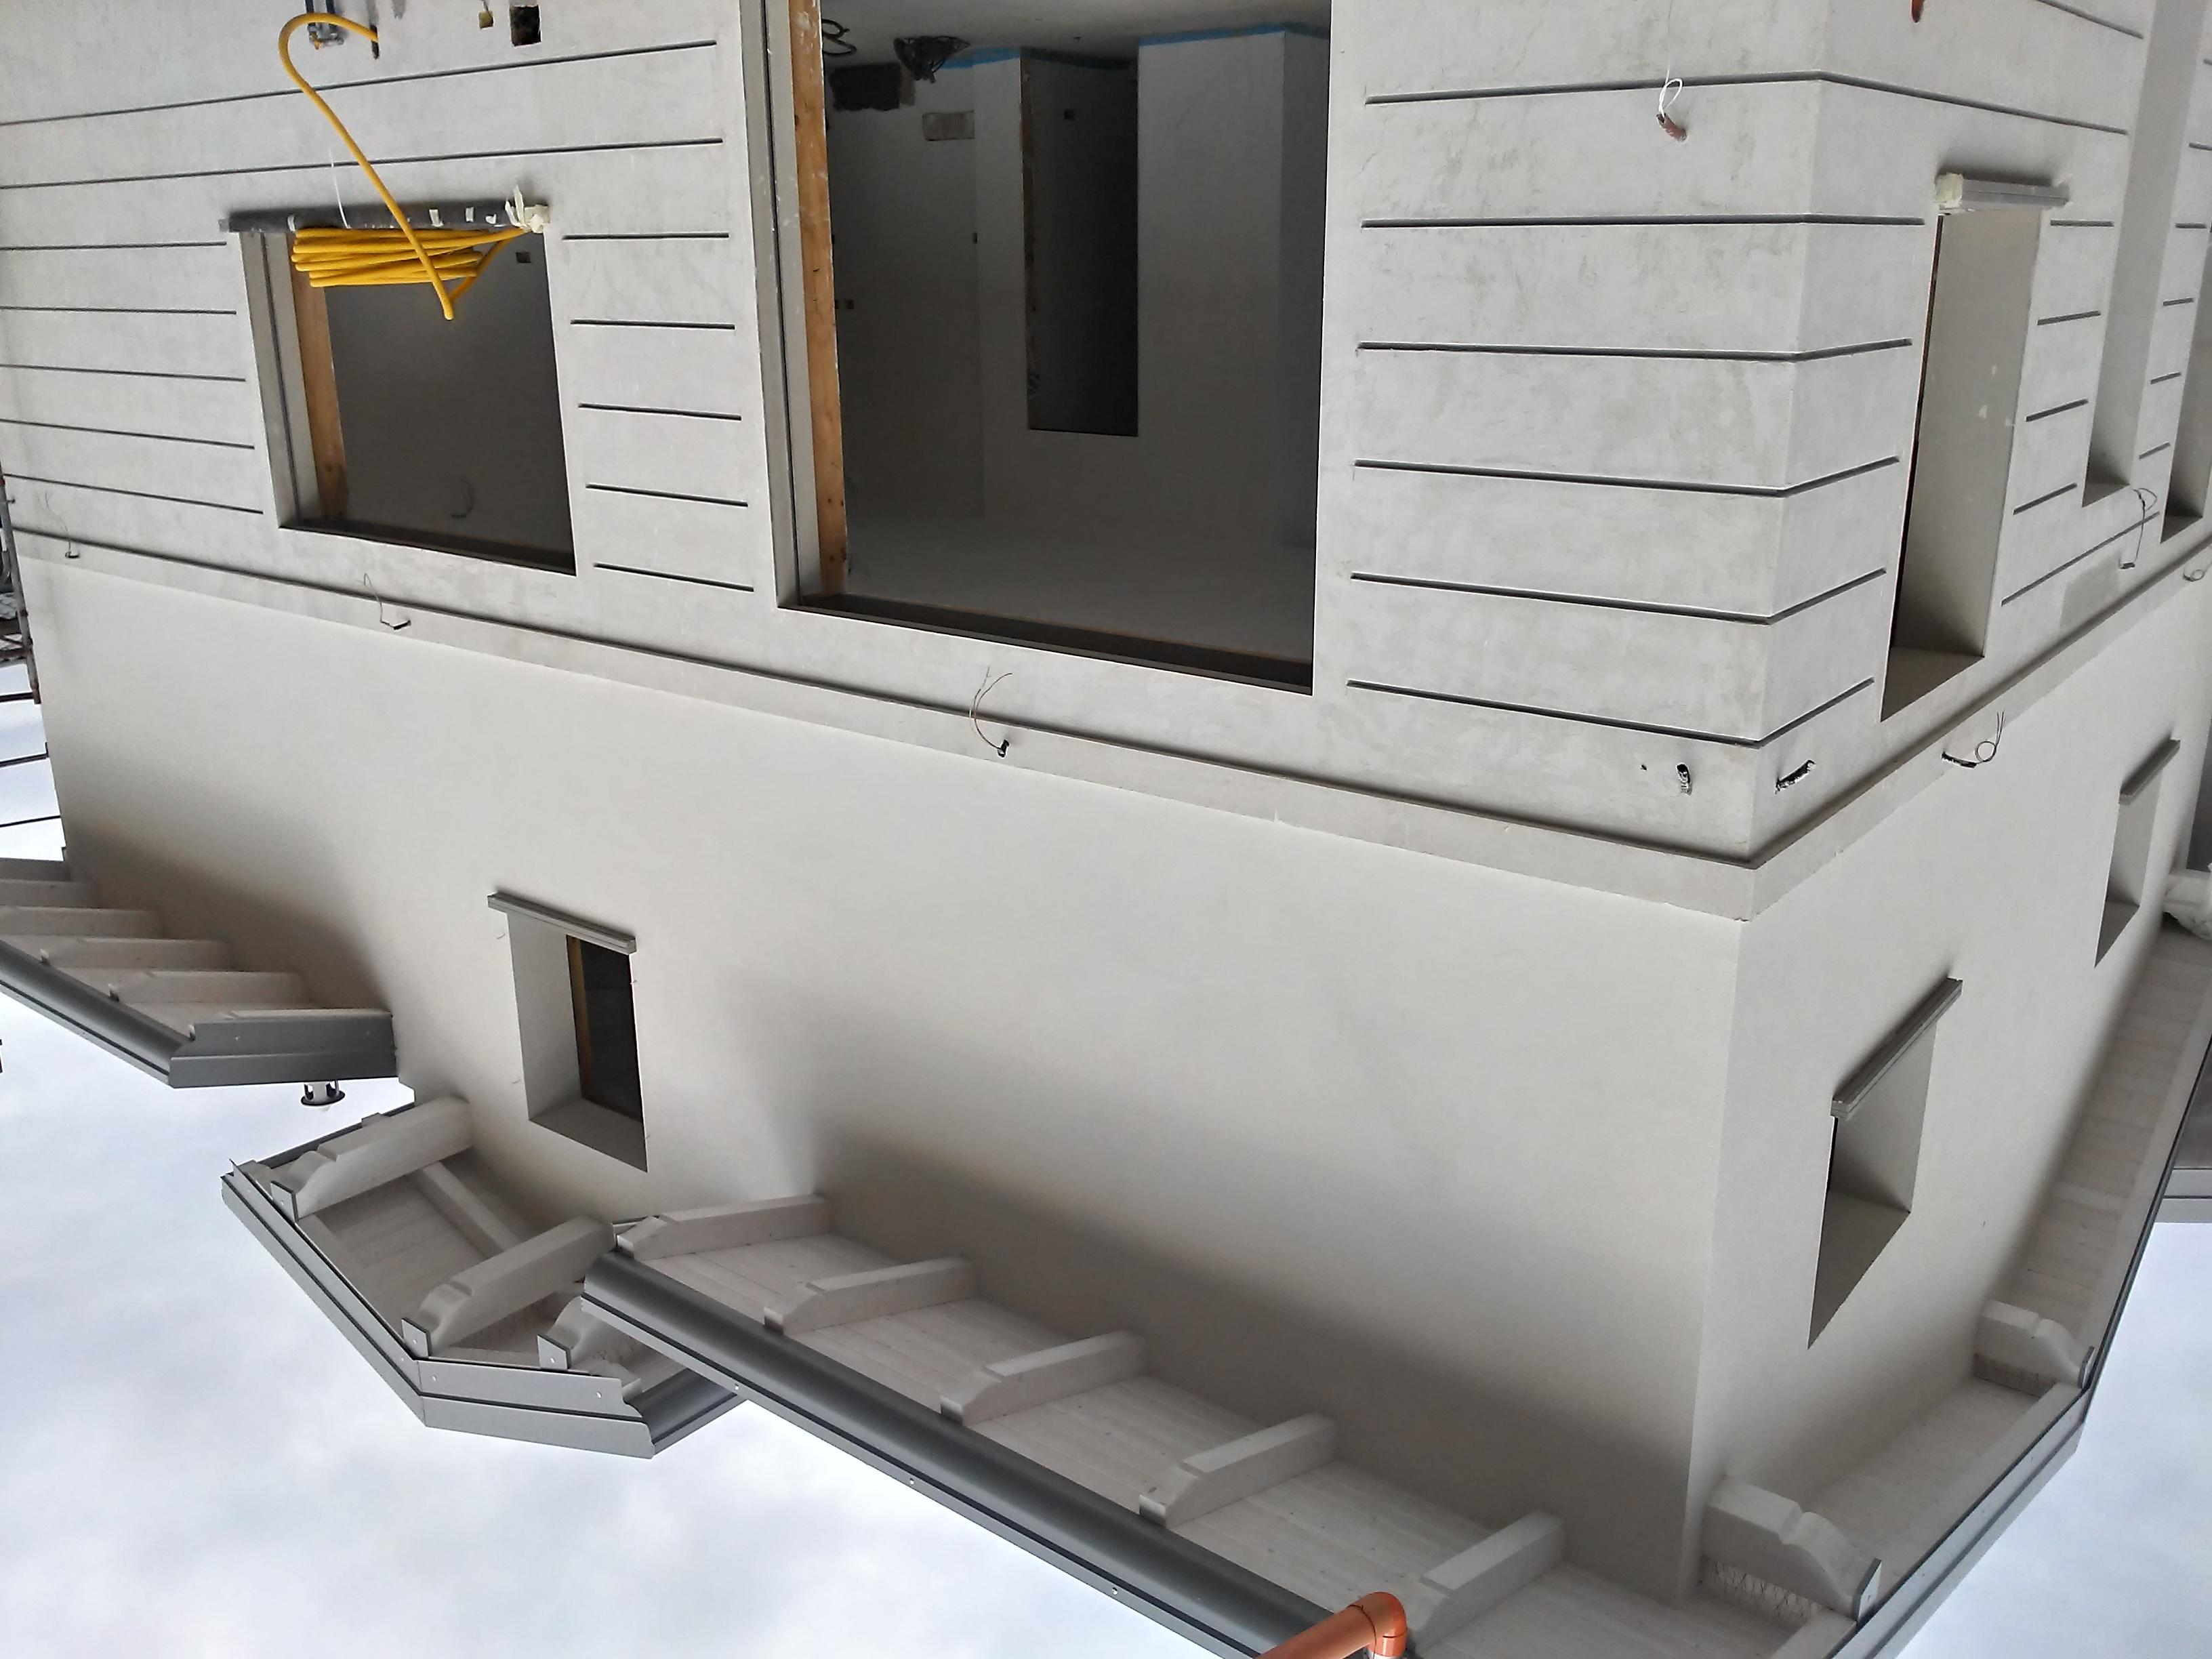 Planimetria della costruzione Casa in Legno modello Legno Lamellare cert. PEFC FSC zona Milano di BCL Bergamasca Costruzioni Legno